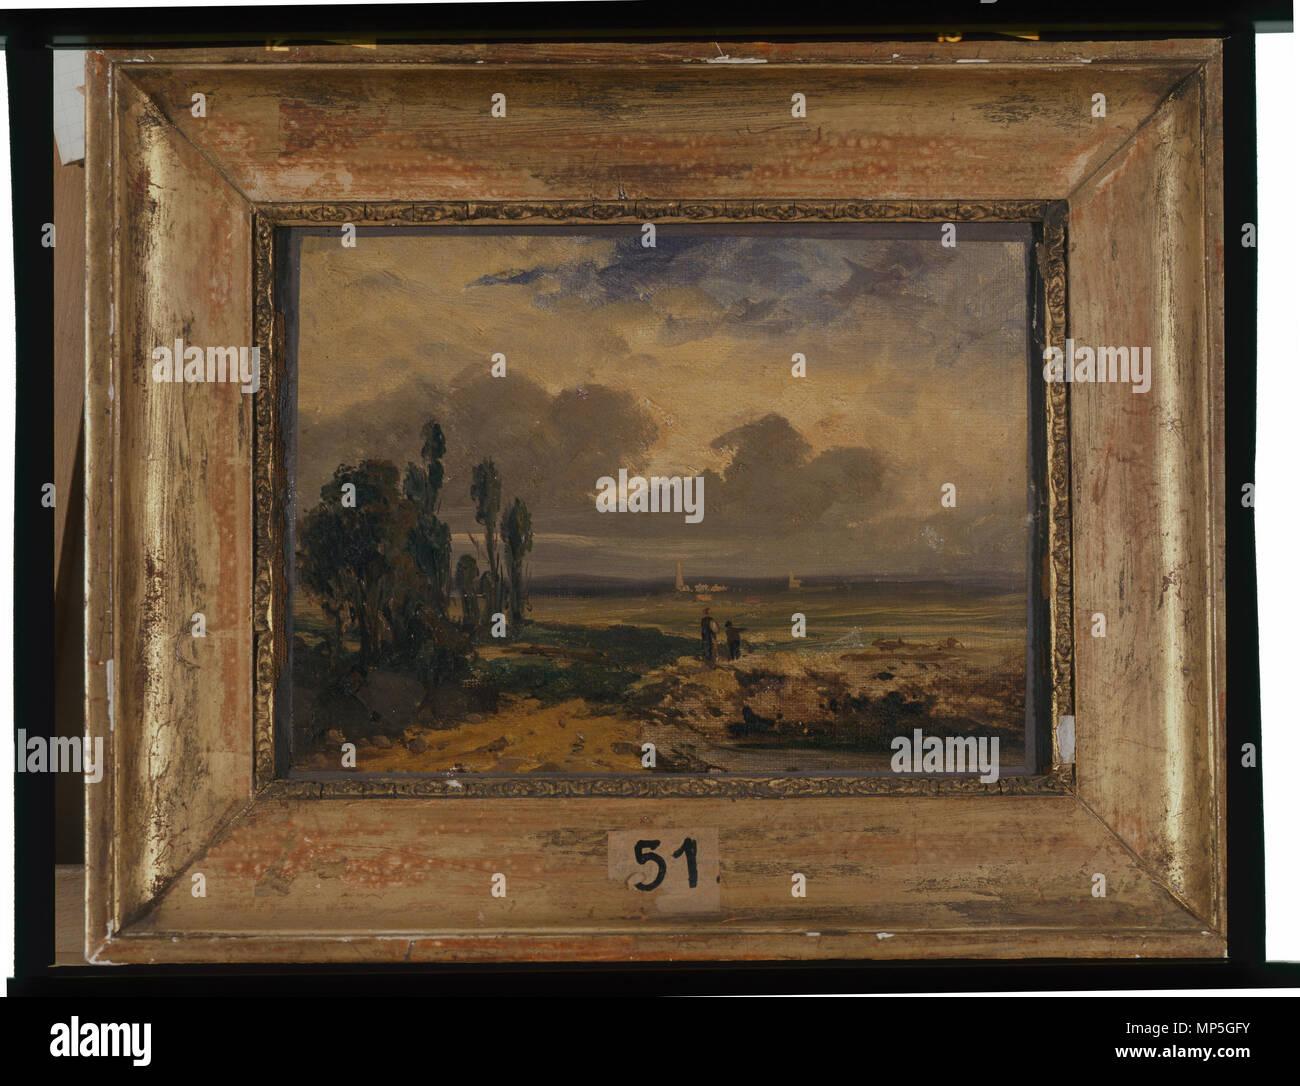 968 Paysage - anonyme - Musée d'art et d'histoire de Saint-Brieuc, DOC 51 Foto de stock